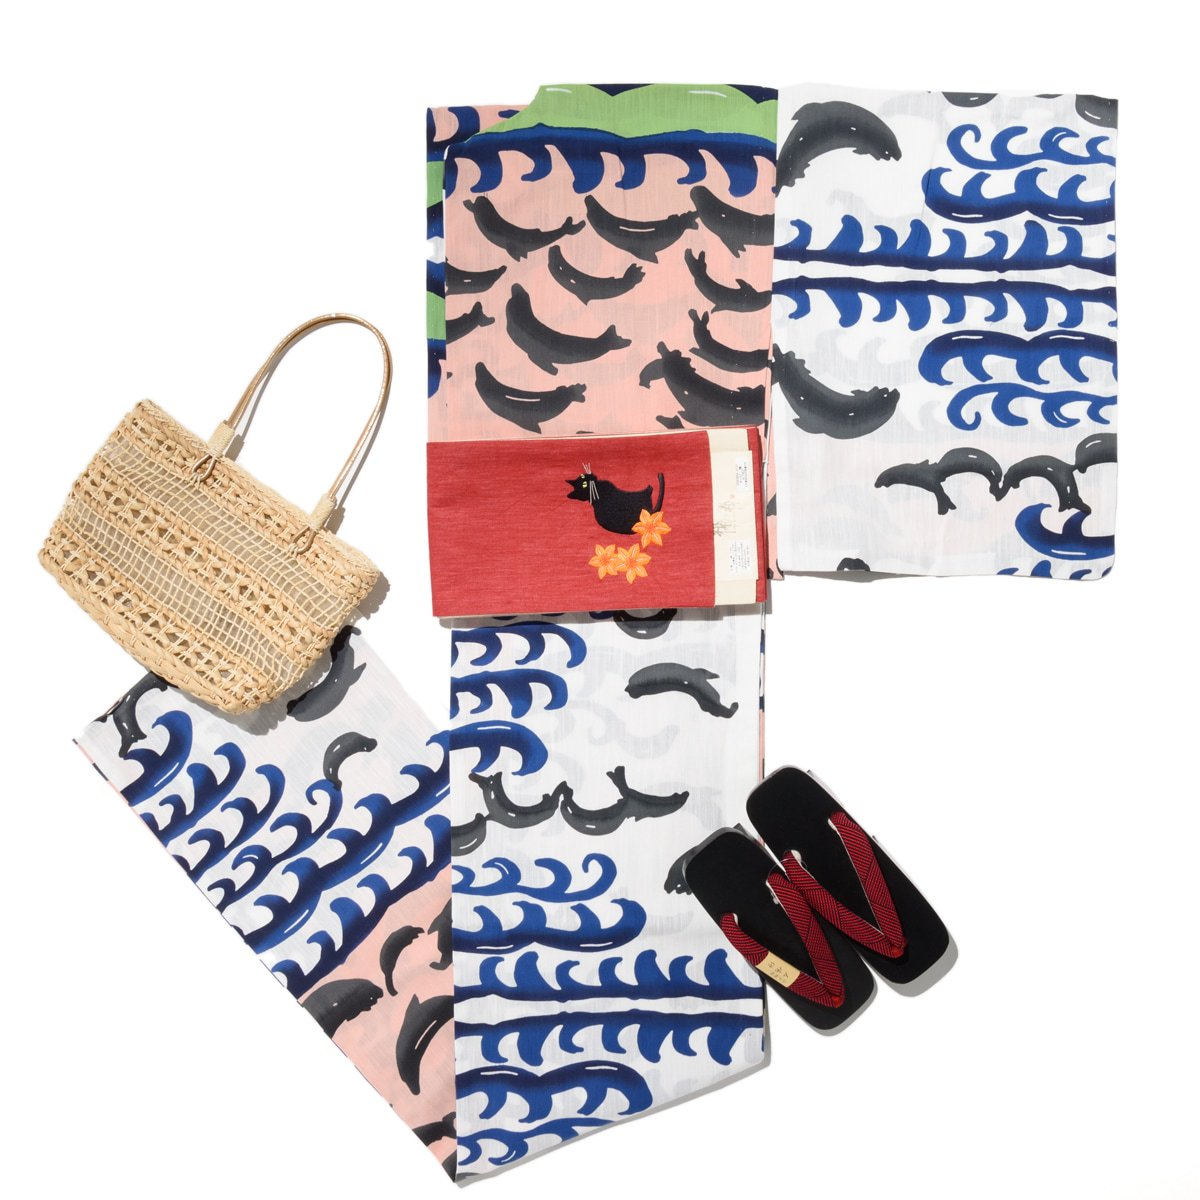 「新品浴衣 tsumori chisato イルカ」の商品画像